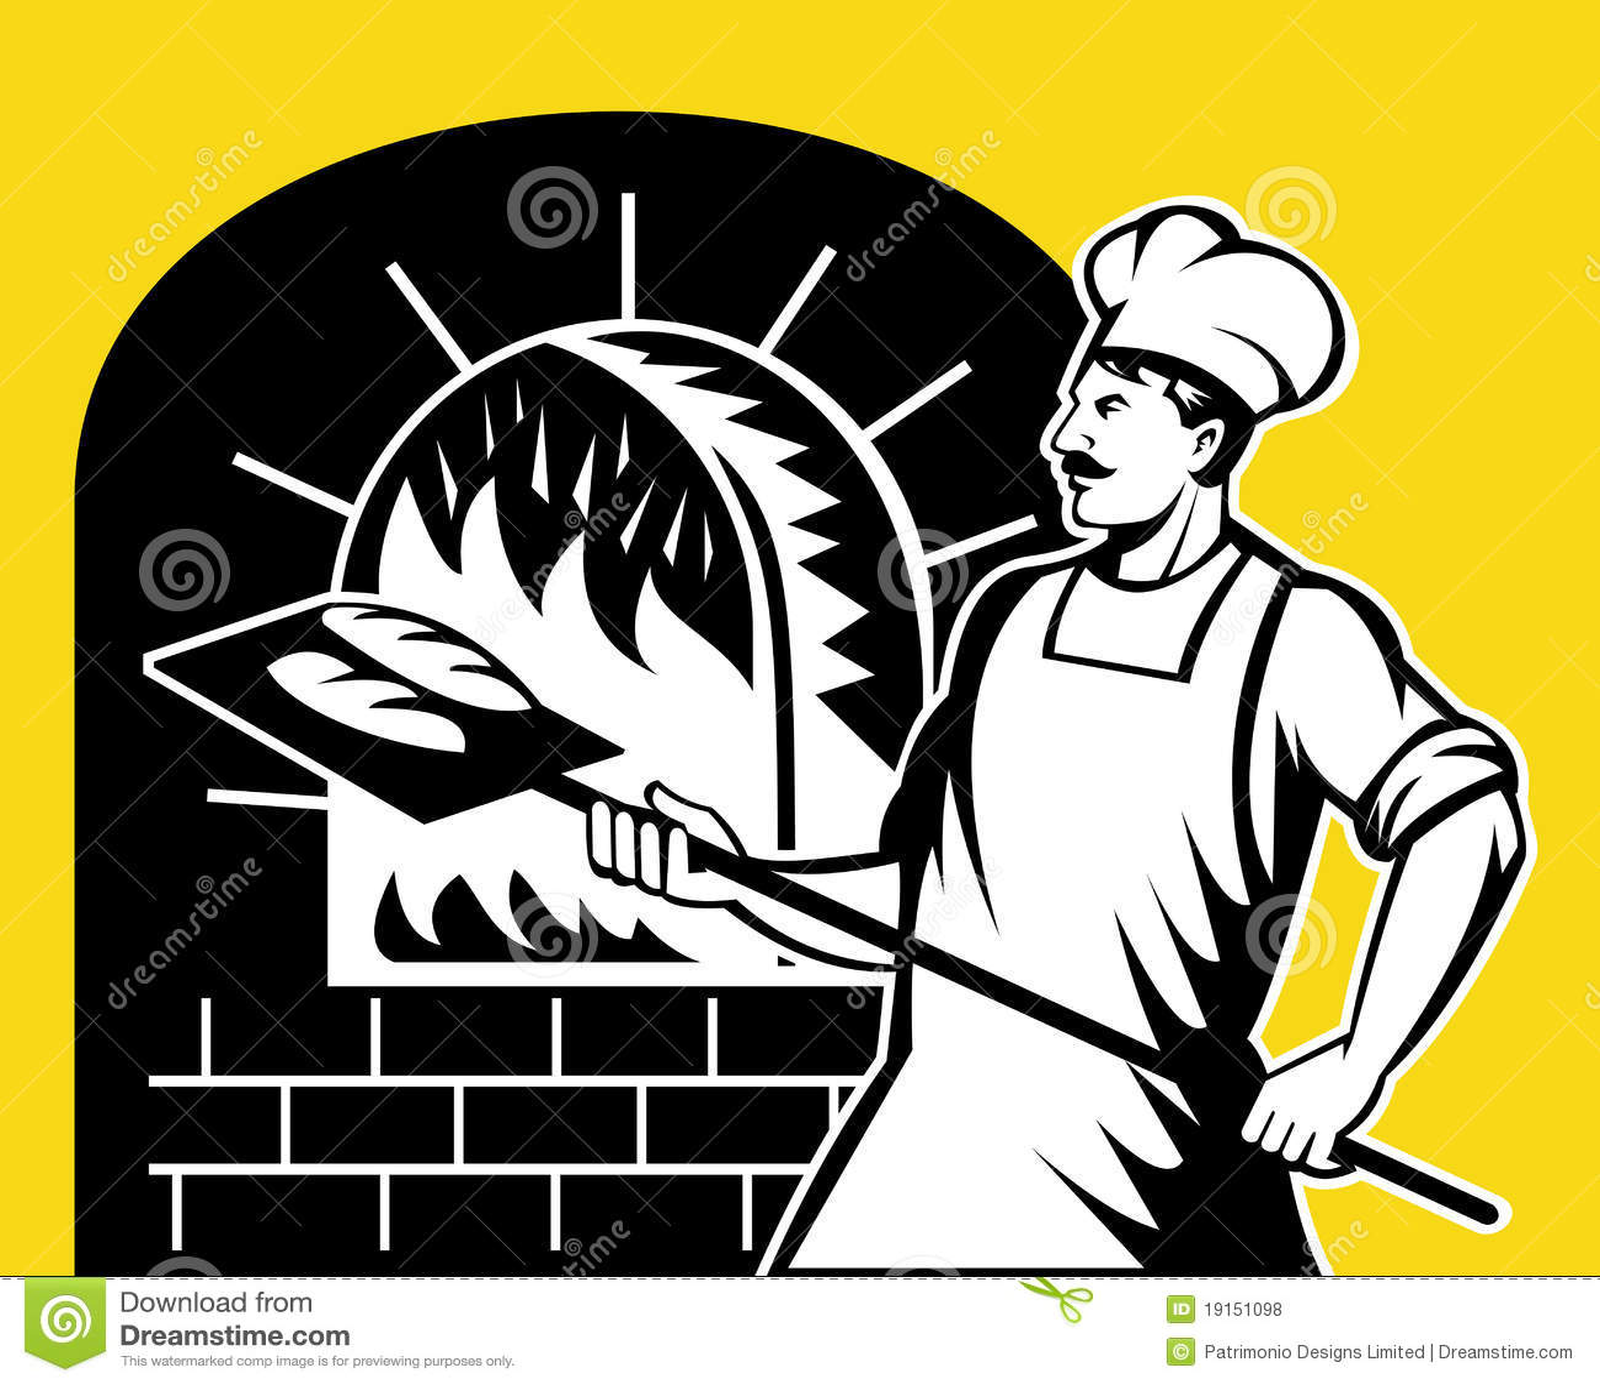 Baker Holding Baking Pan Fire Oven Stock Illustration